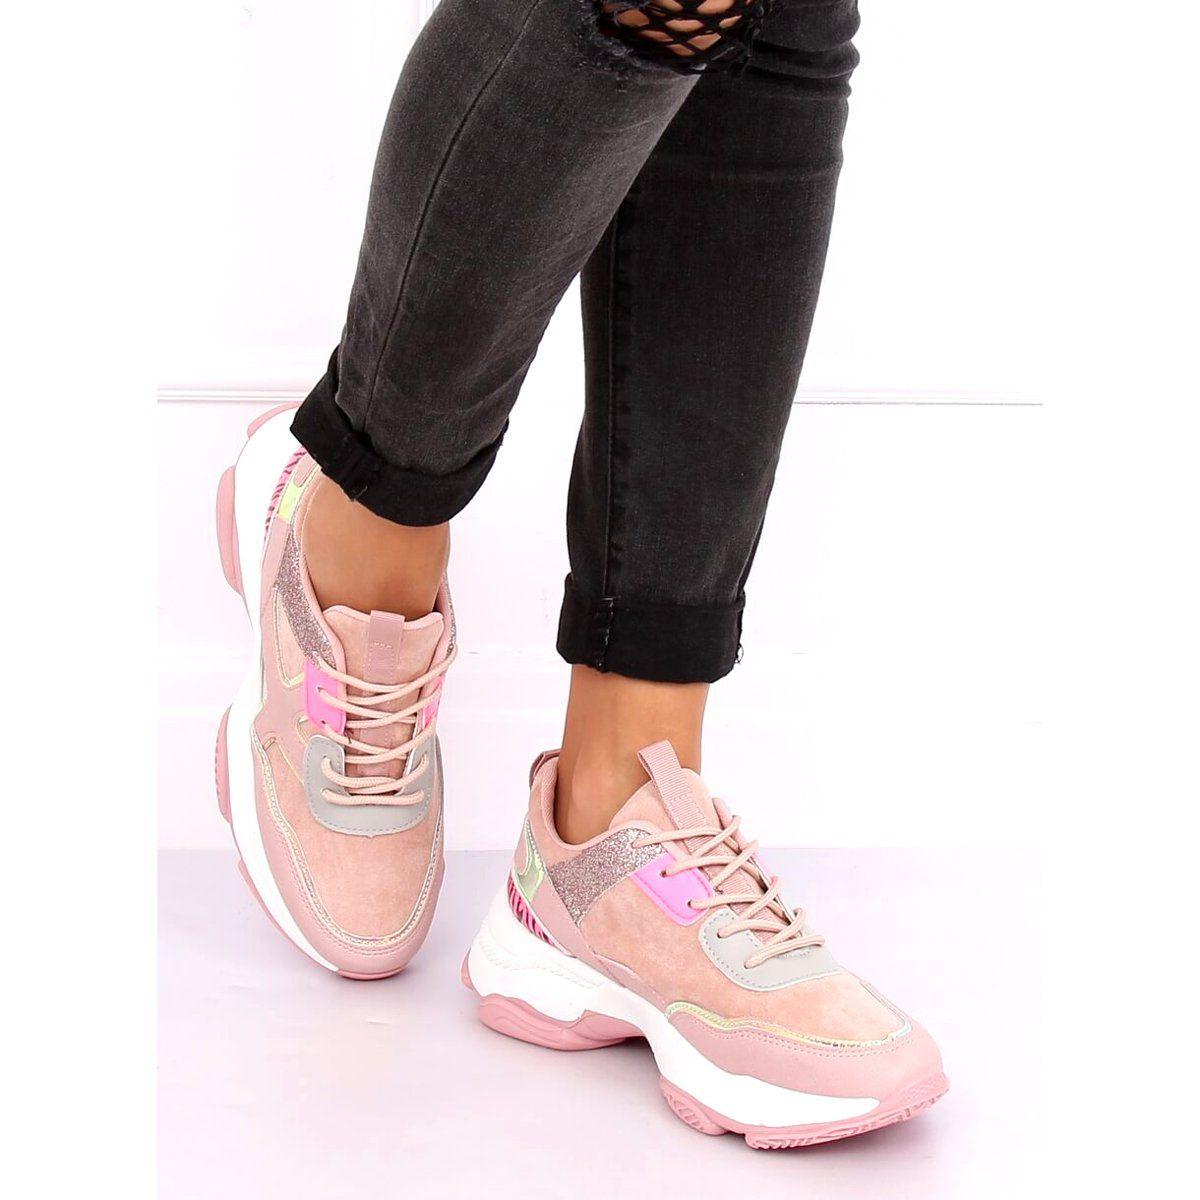 Buty Sportowe Rozowe Hl 12 Pink Pink Sport Shoes Sports Footwear Lace Heels